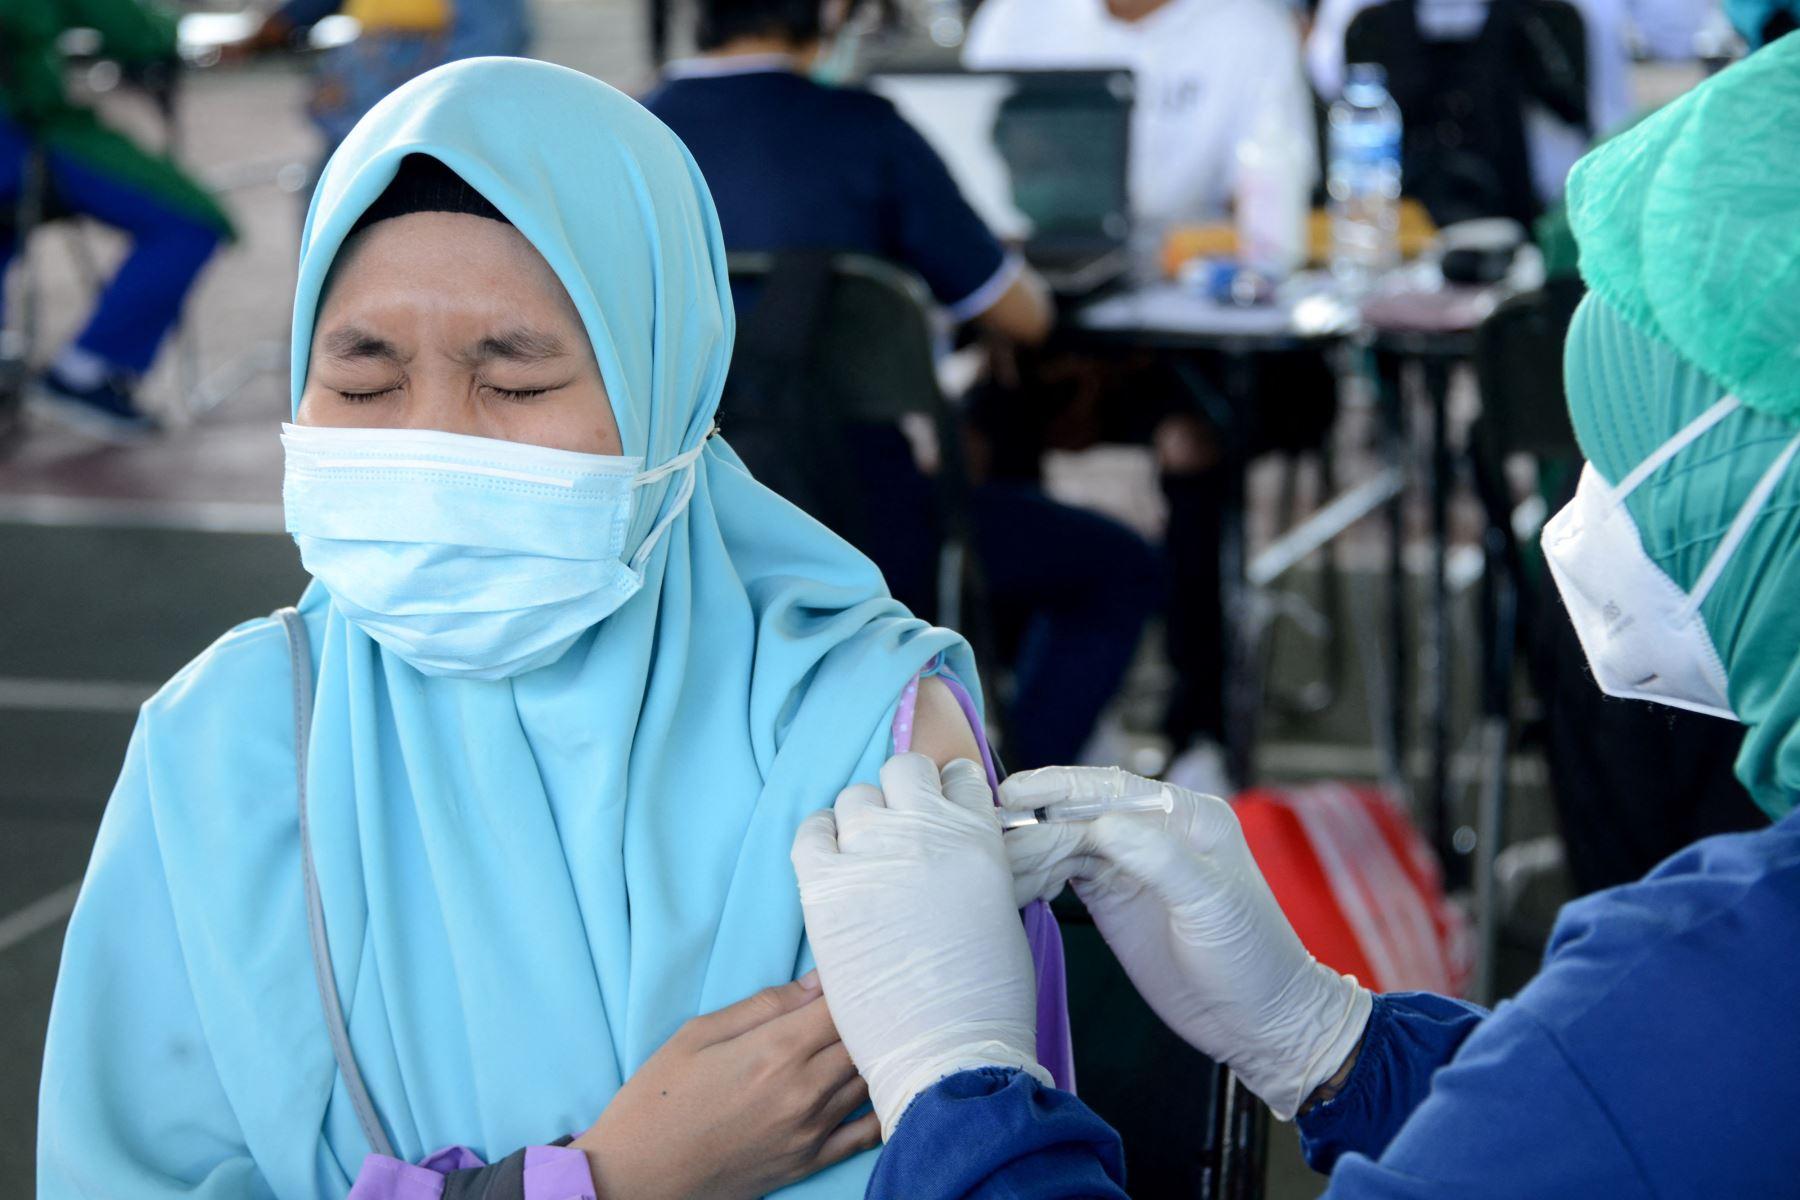 Una mujer recibe la vacuna contra el coronavirus durante una vacunación masiva en el Comando Regional Militar Praja Raksaka Udayana en Denpasar, en la isla turística de Bali, Indonesia. Foto: AFP